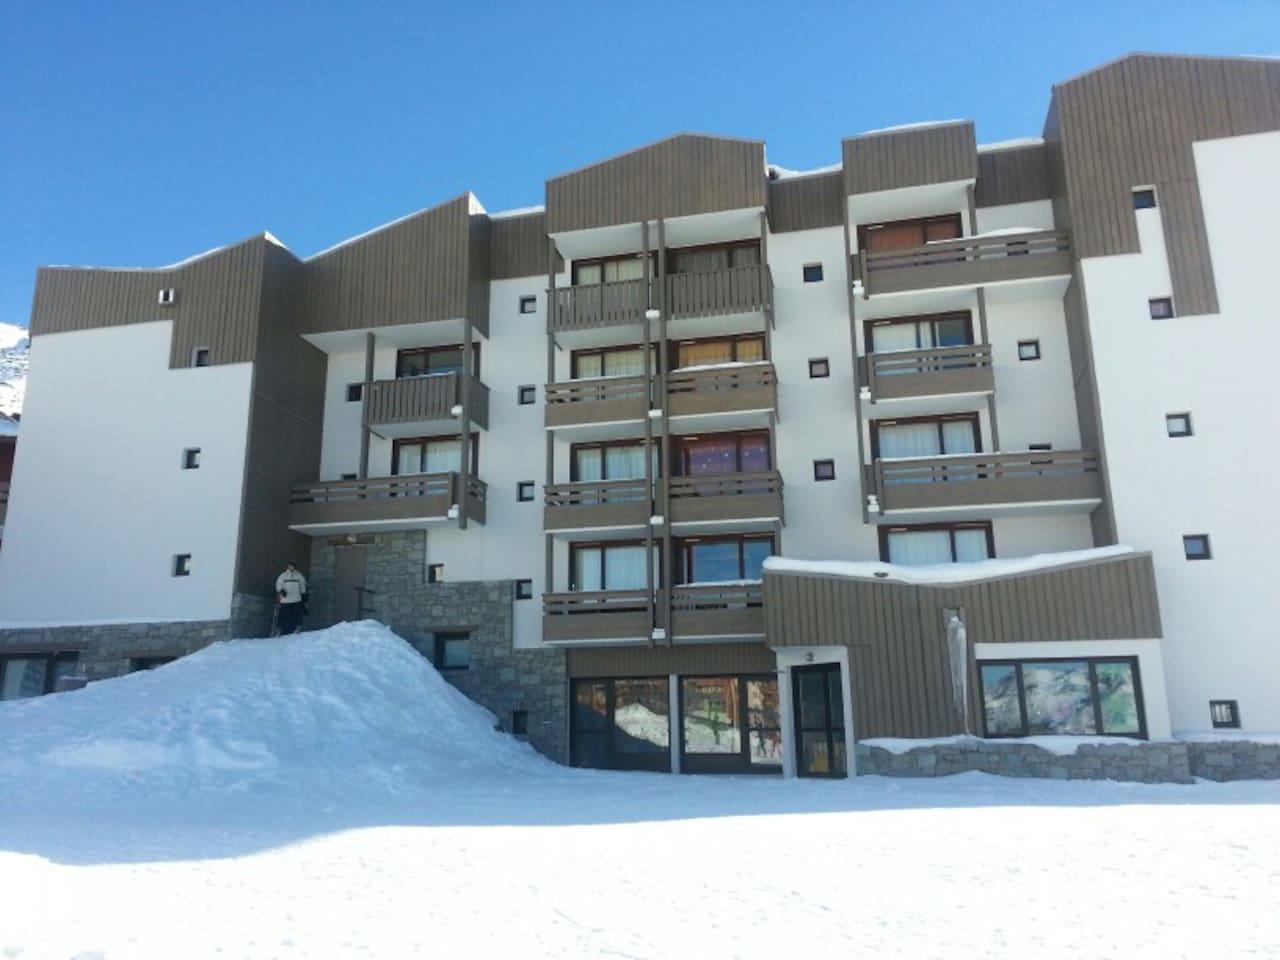 Le balcon et les casiers à ski donnant directement sur les pistes